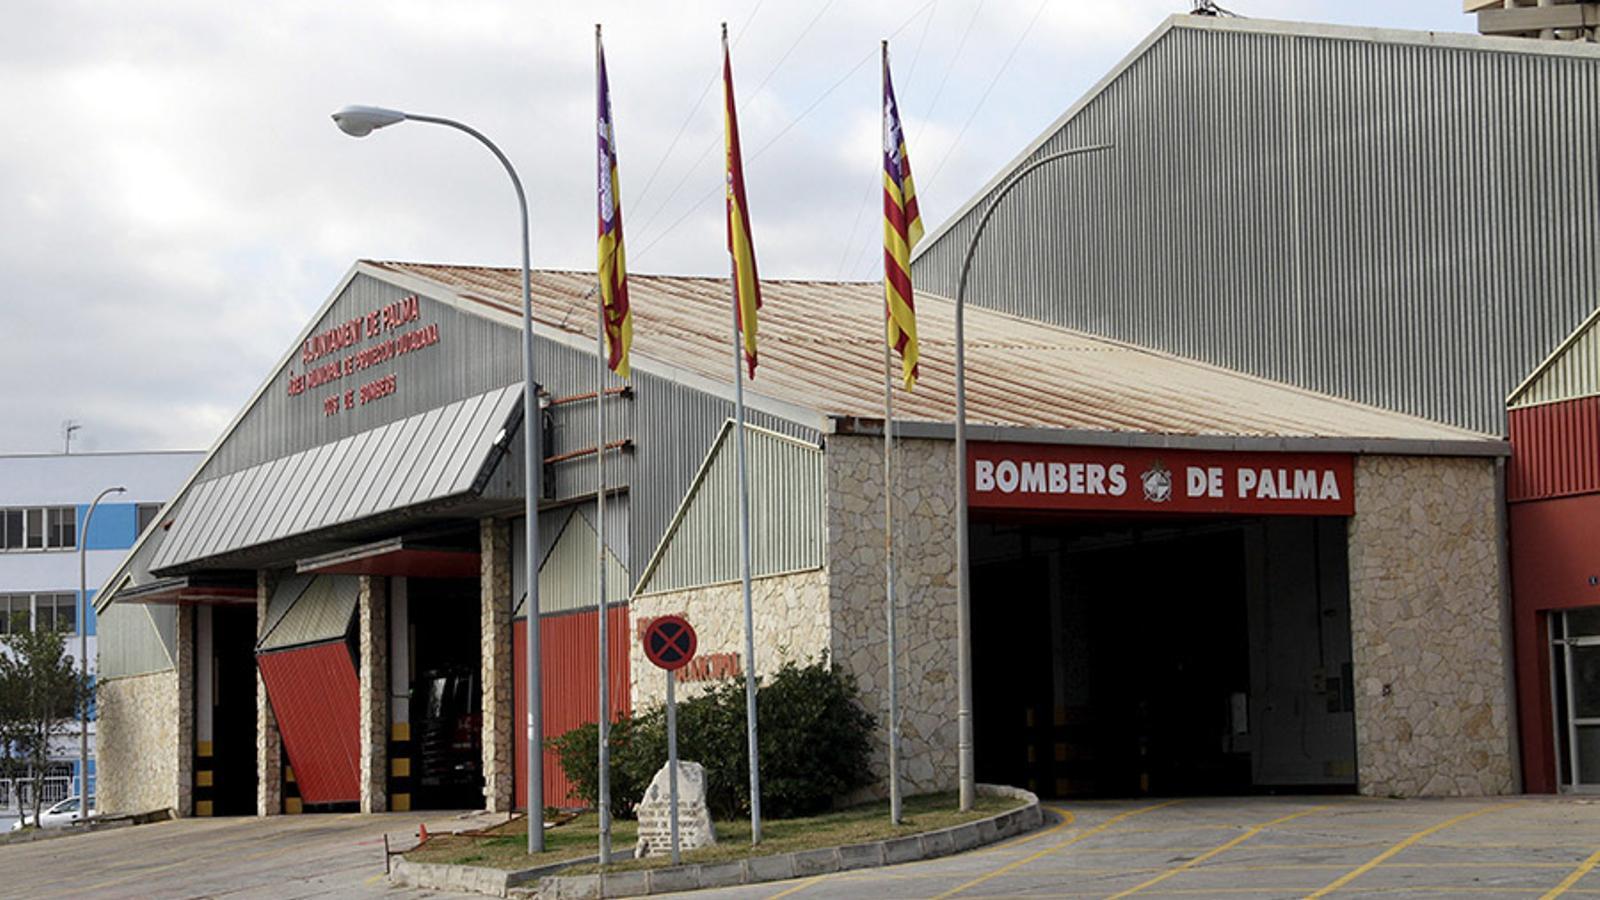 Imatge d'arxiu del parc de bombers de Palma